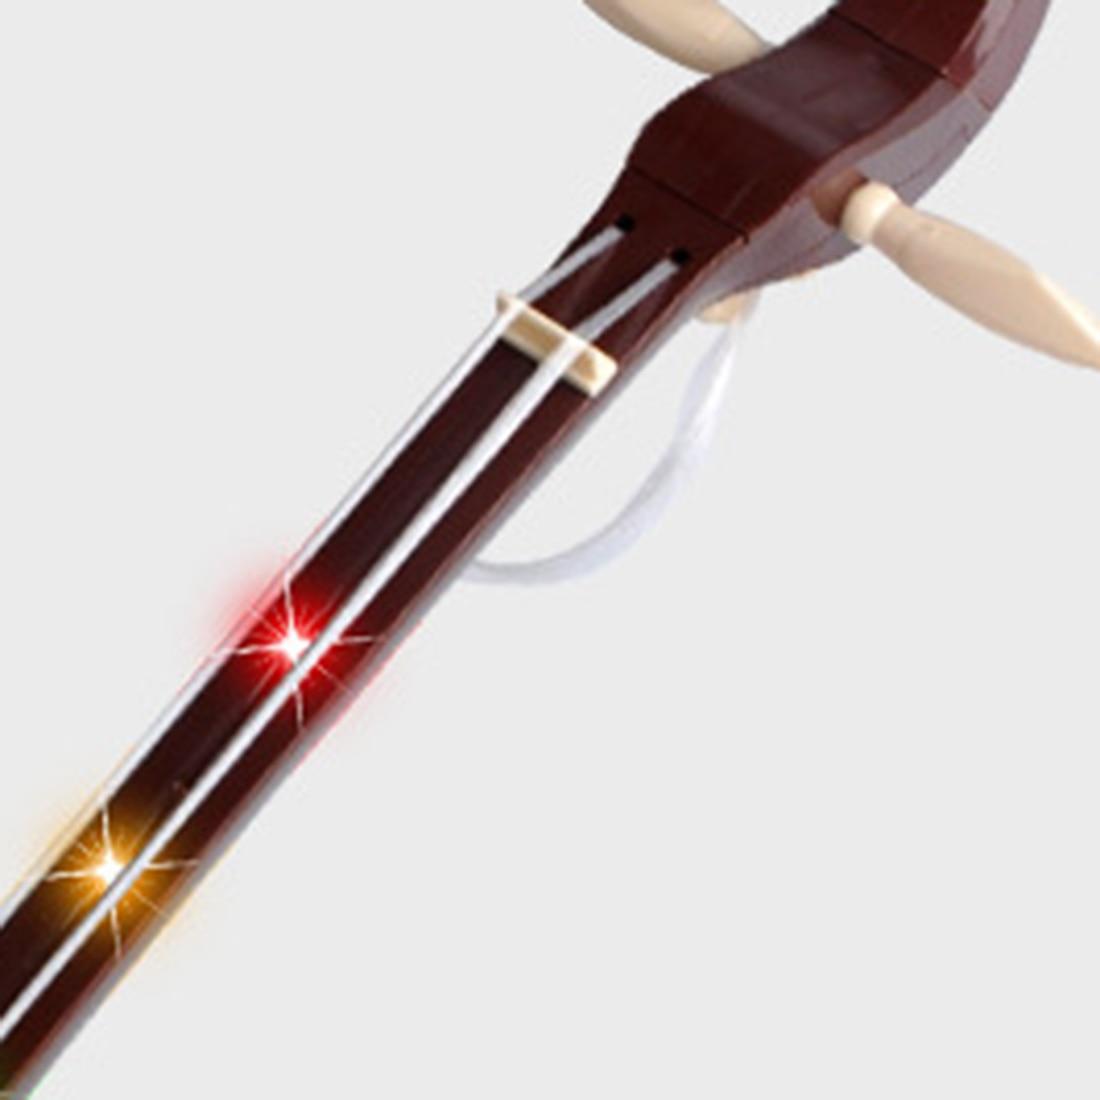 Morin Khuur jouets musicaux chinois Instrument National pour enfants musique de développement début jouets éducatifs cadeau-brun/rouge vif - 4